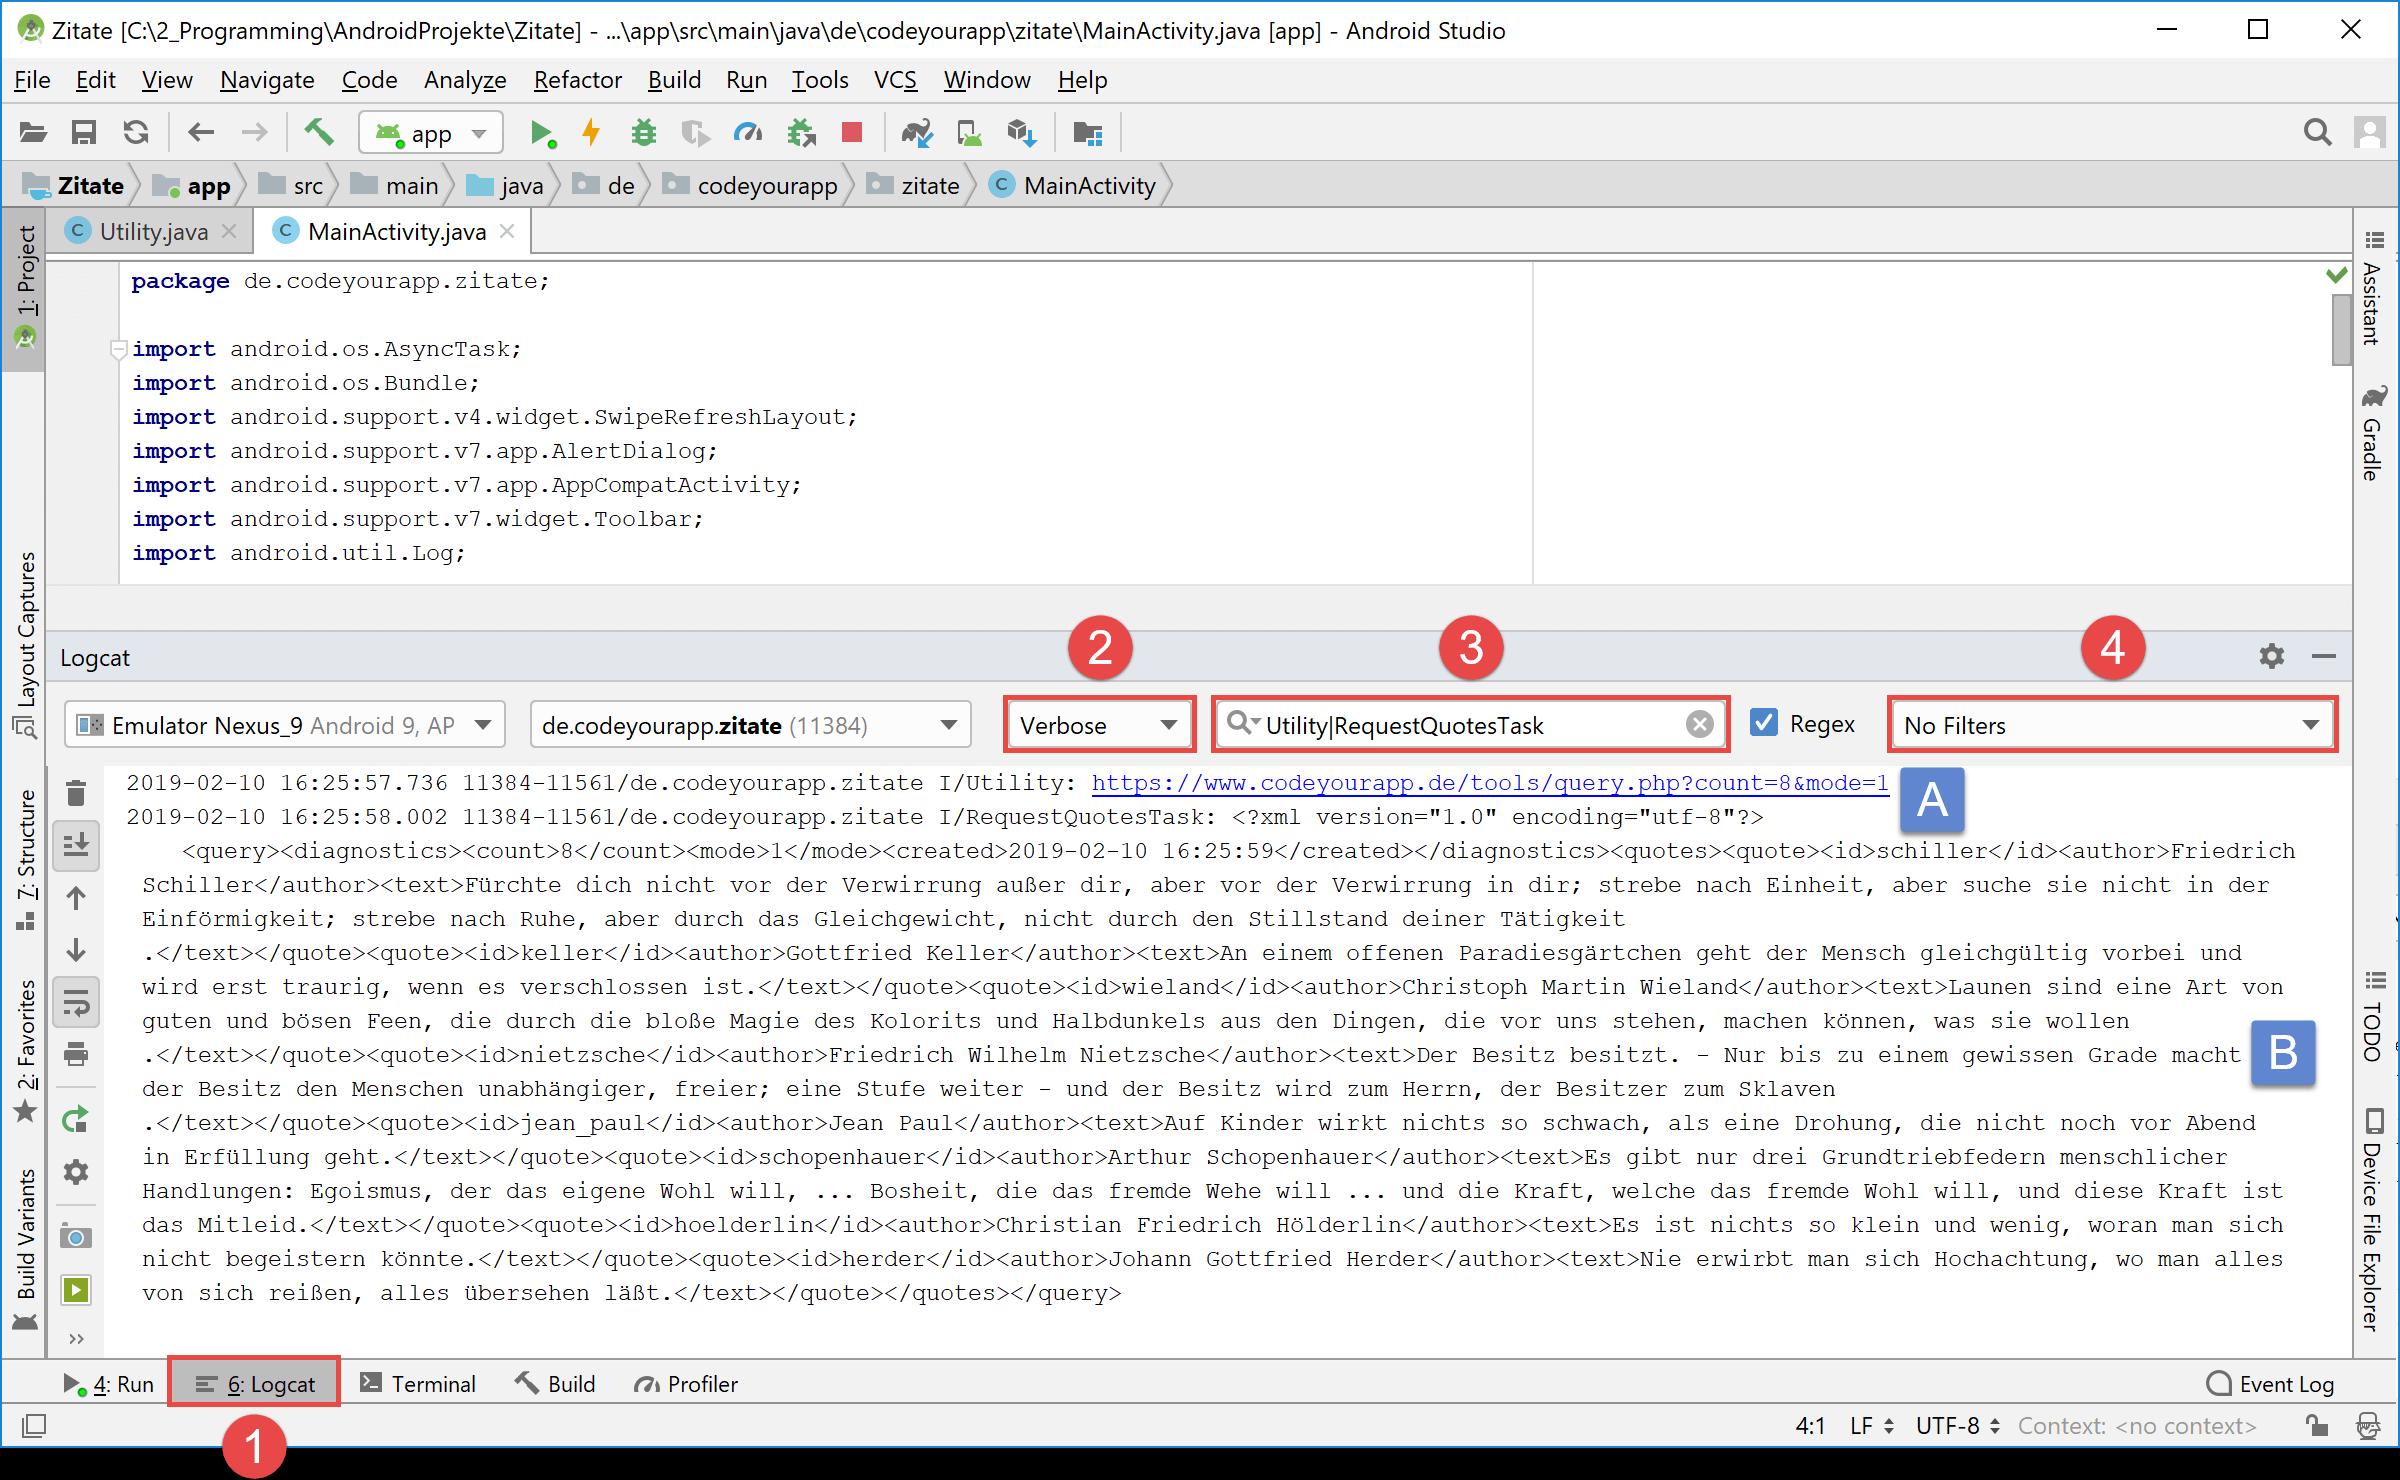 logcat_http_xml_output